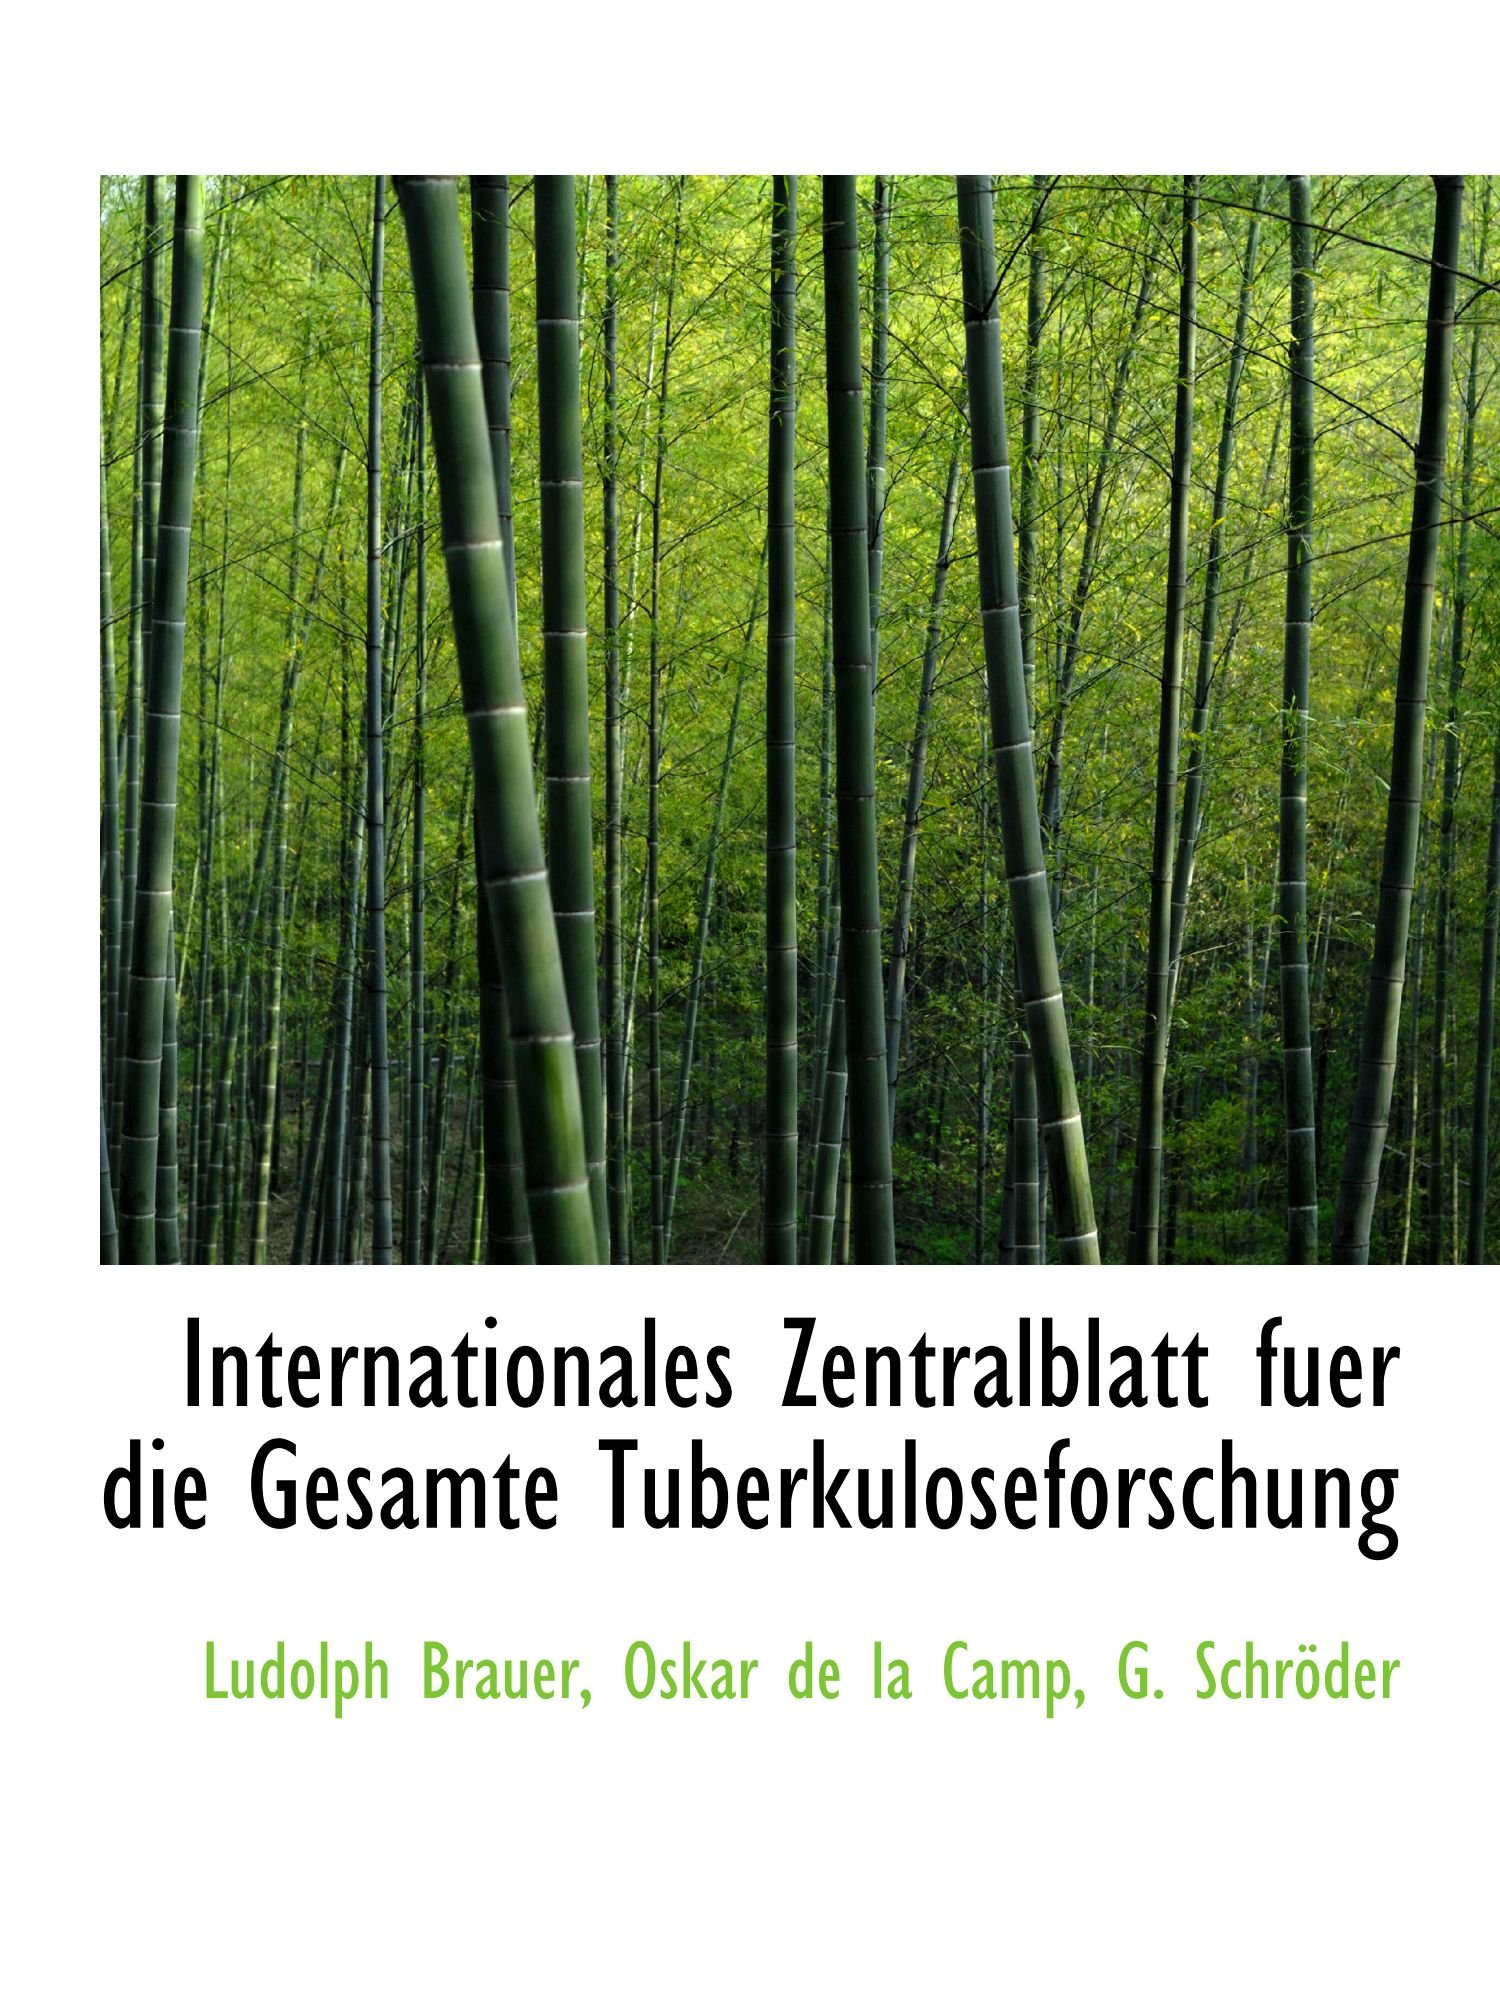 Download Internationales Zentralblatt fuer die Gesamte Tuberkuloseforschung PDF